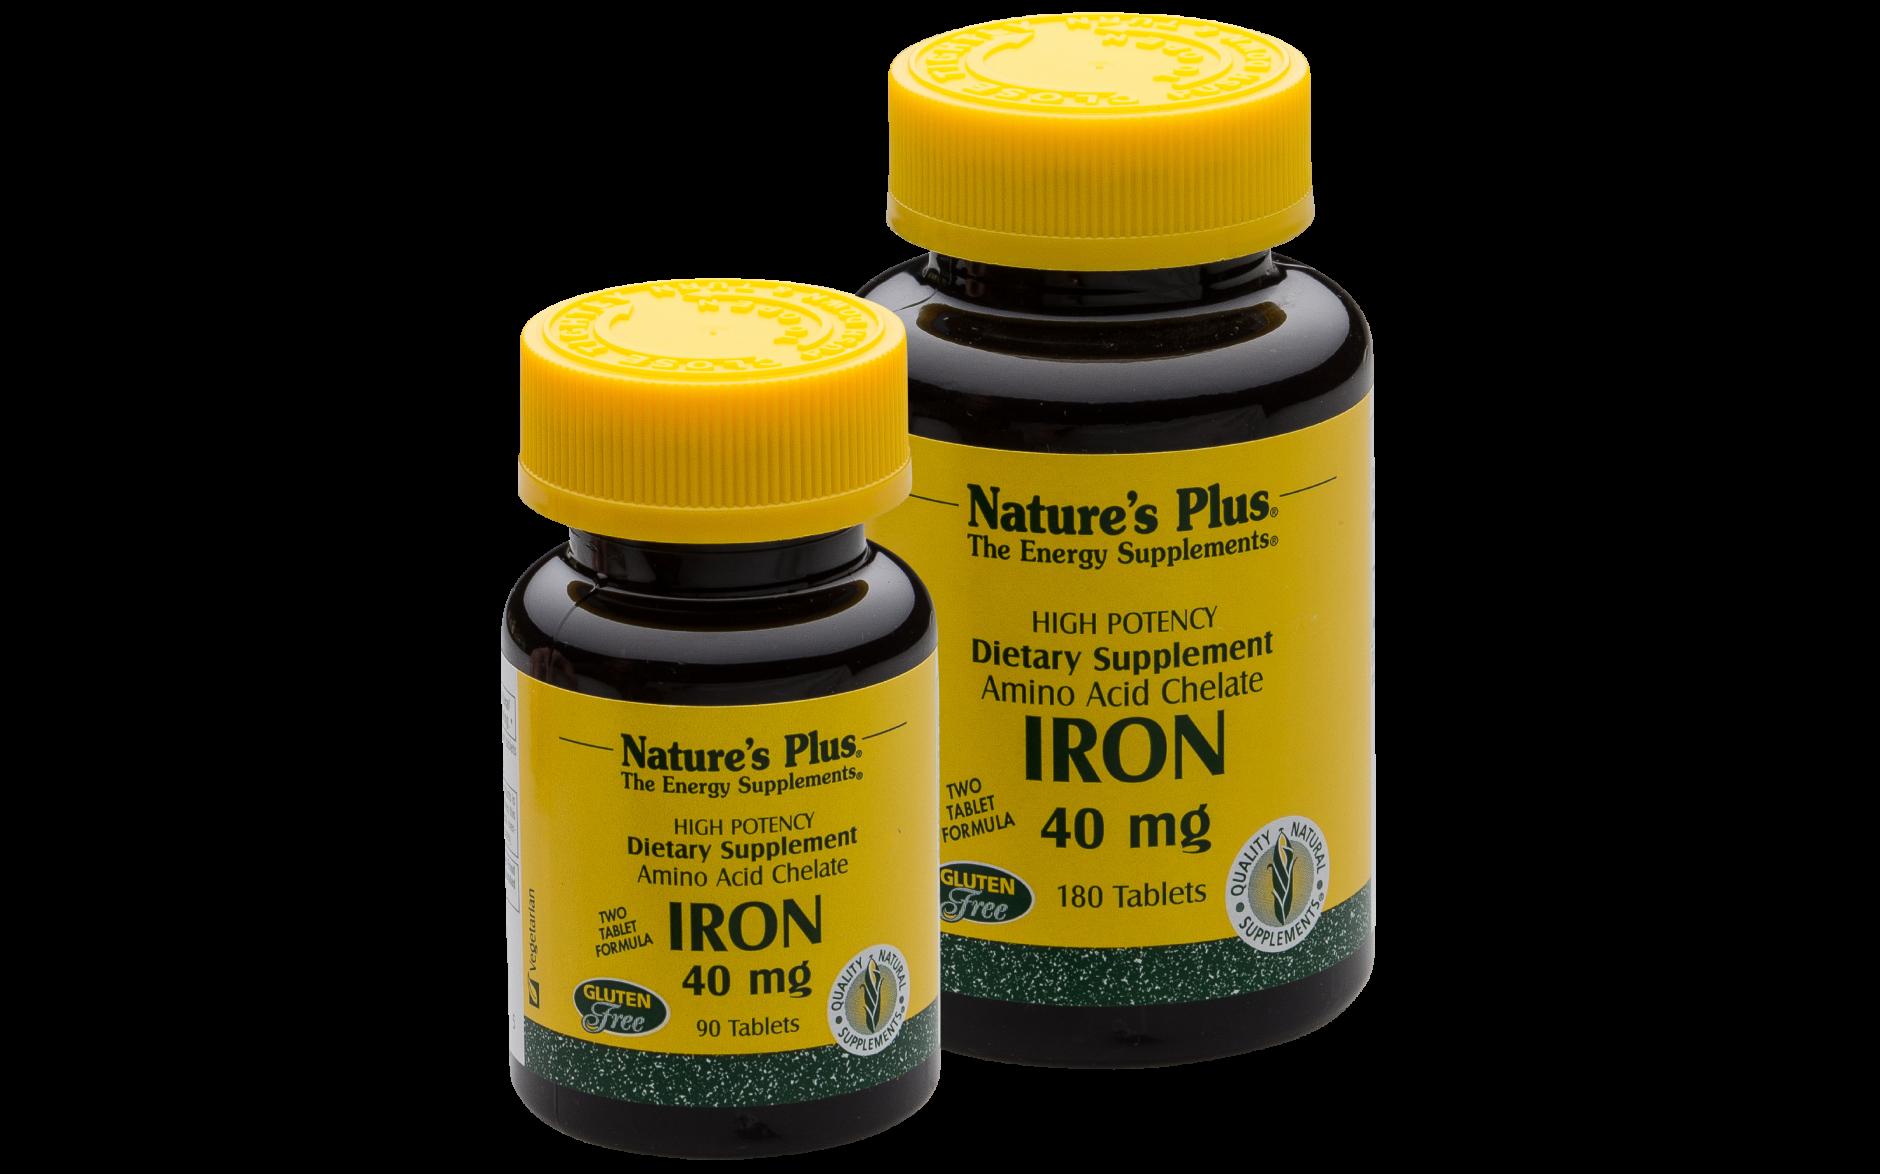 Eisen von Natures Plus, 180 Tabs zu 20mg